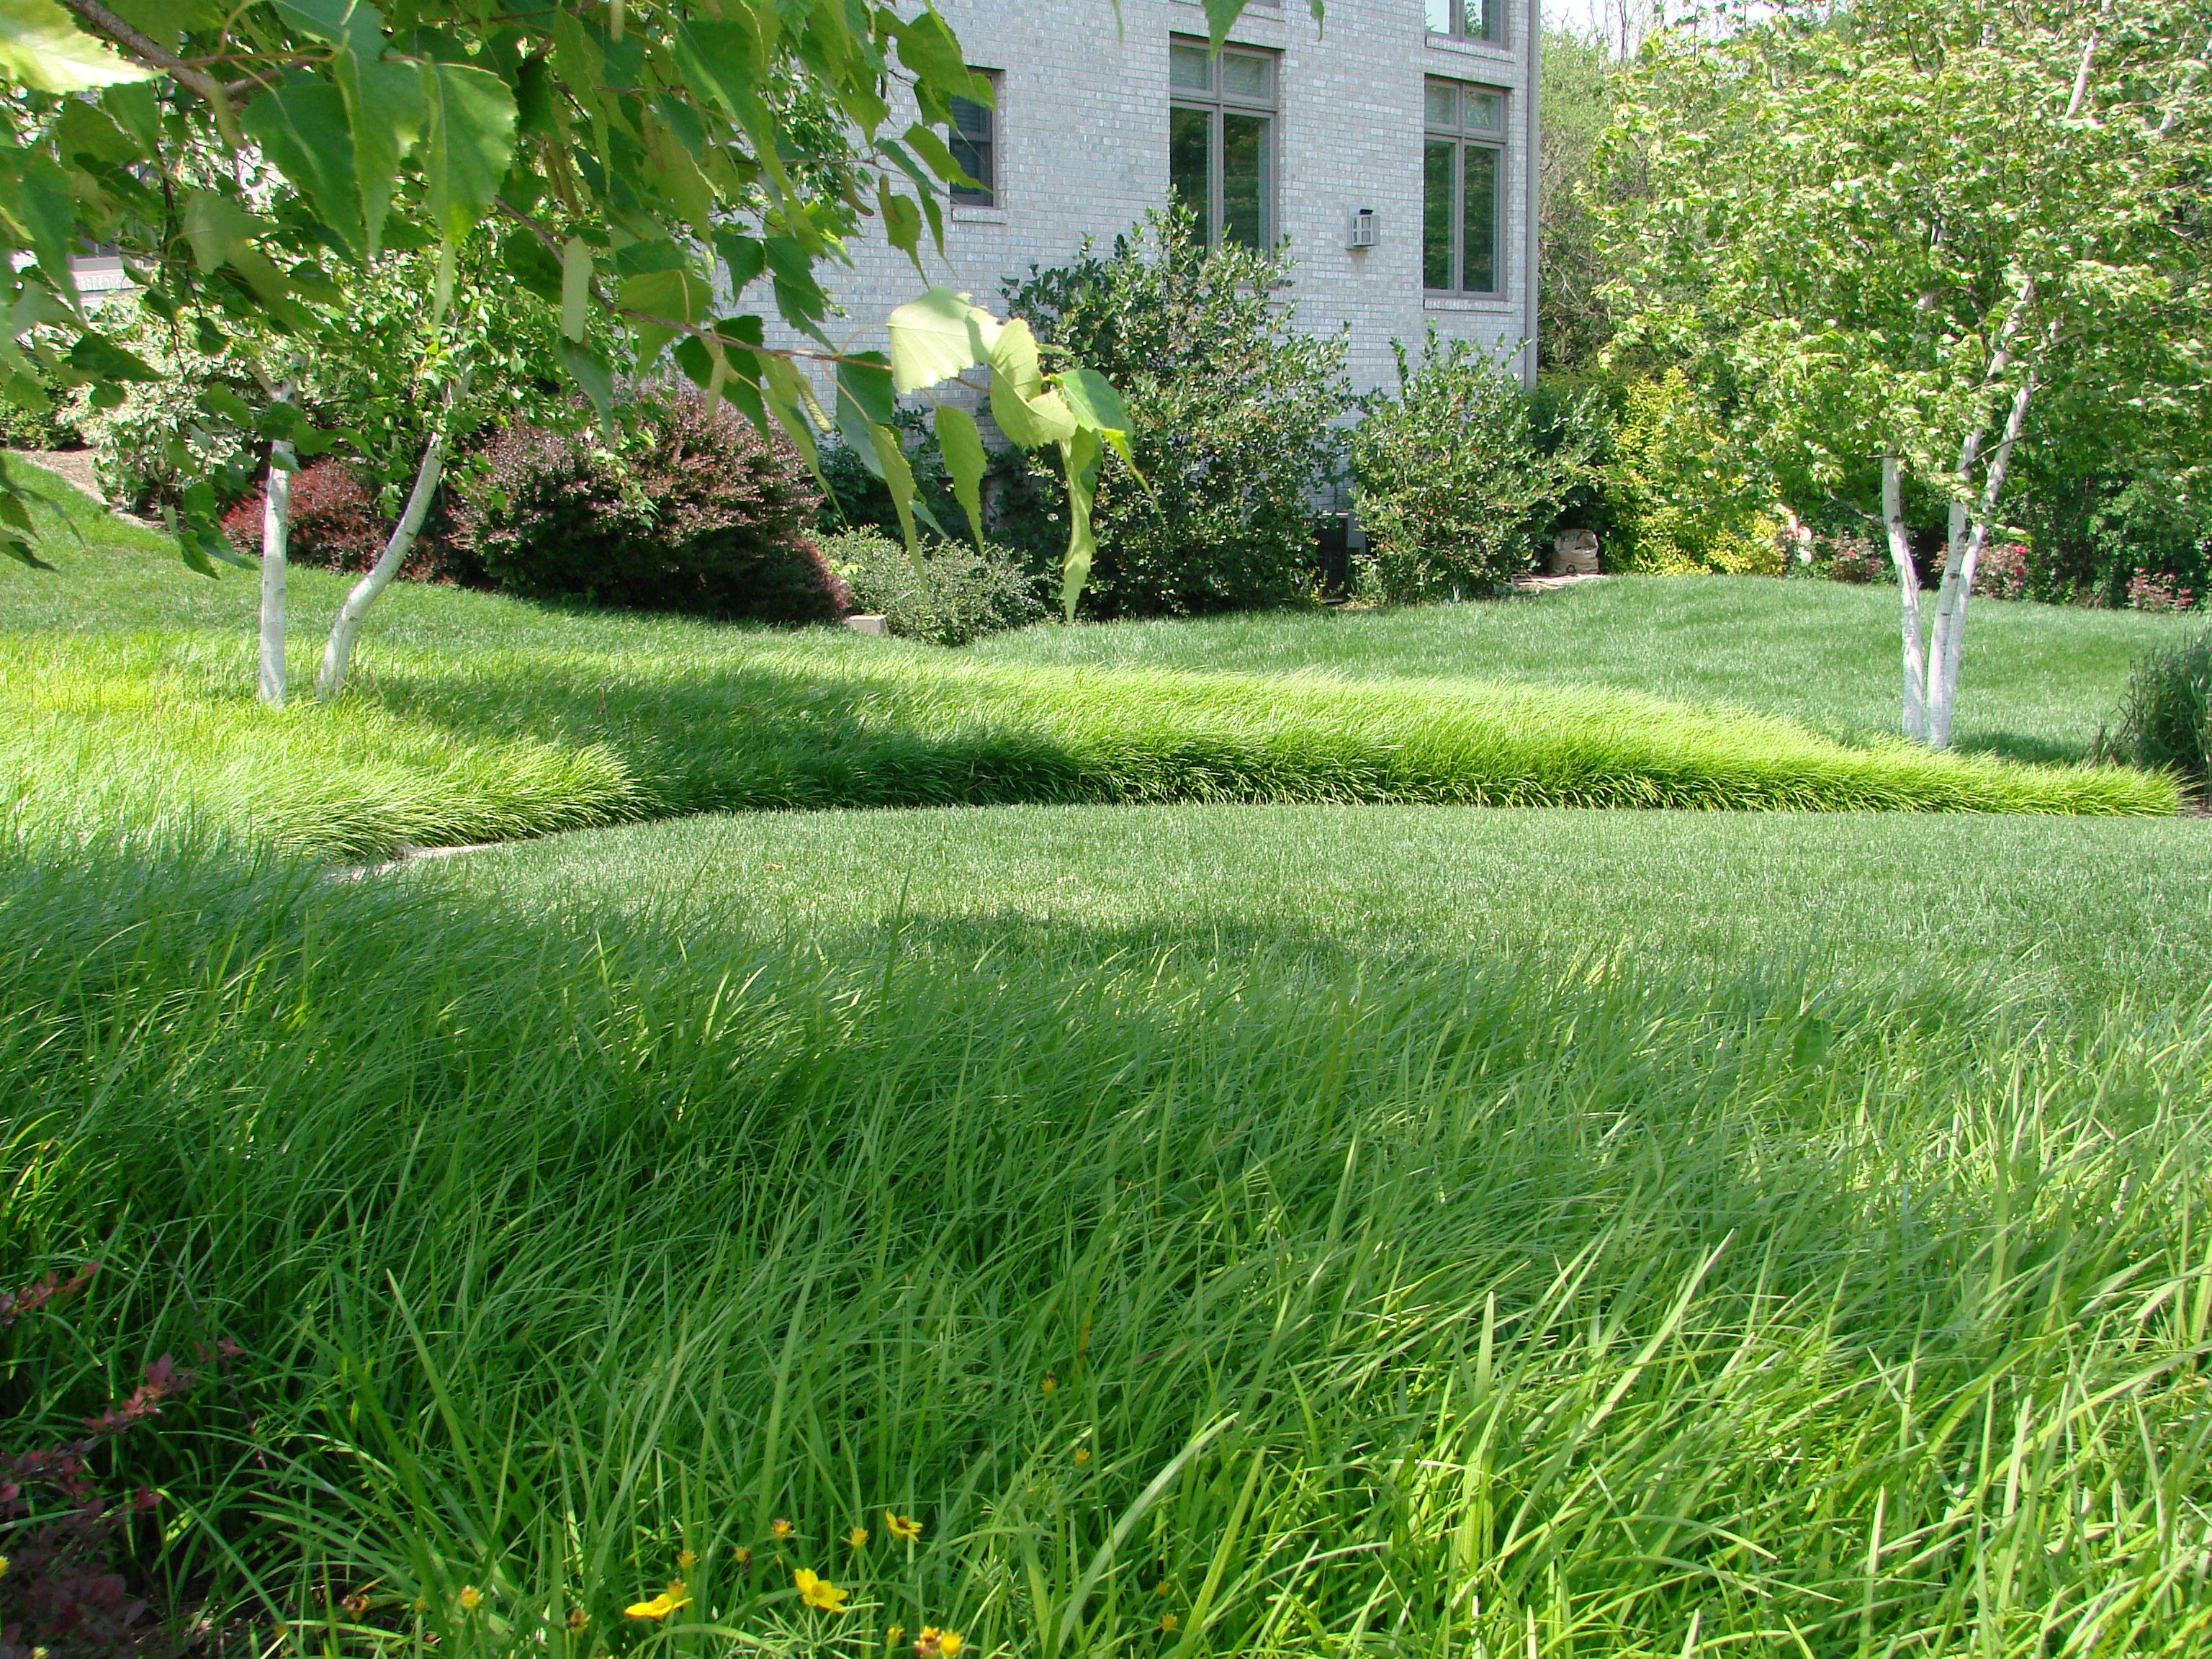 Liriope Spicata Modern Garden Plants Landscape